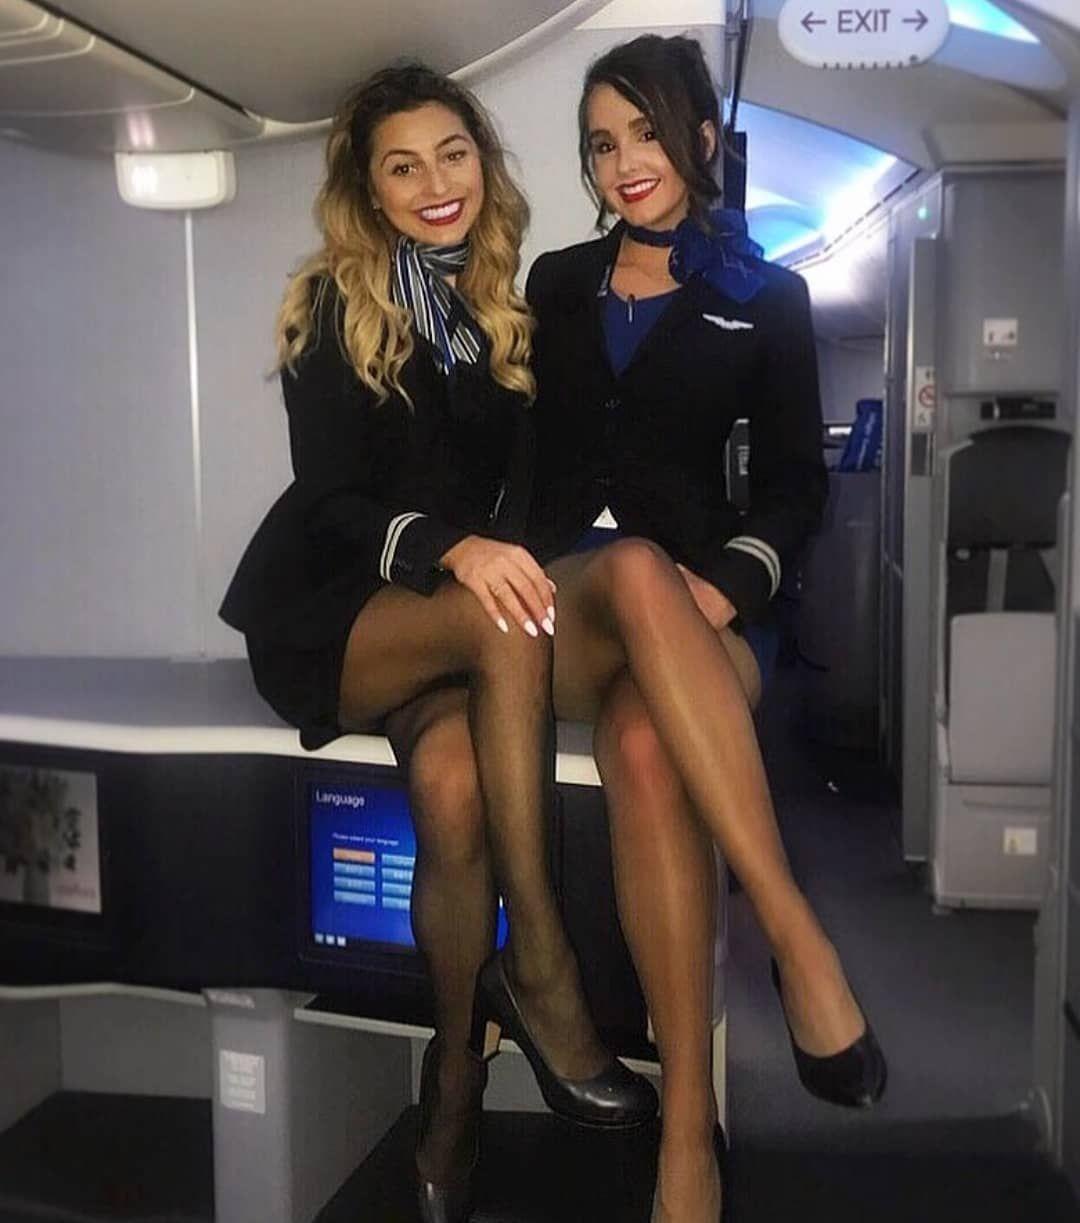 stewardess bus